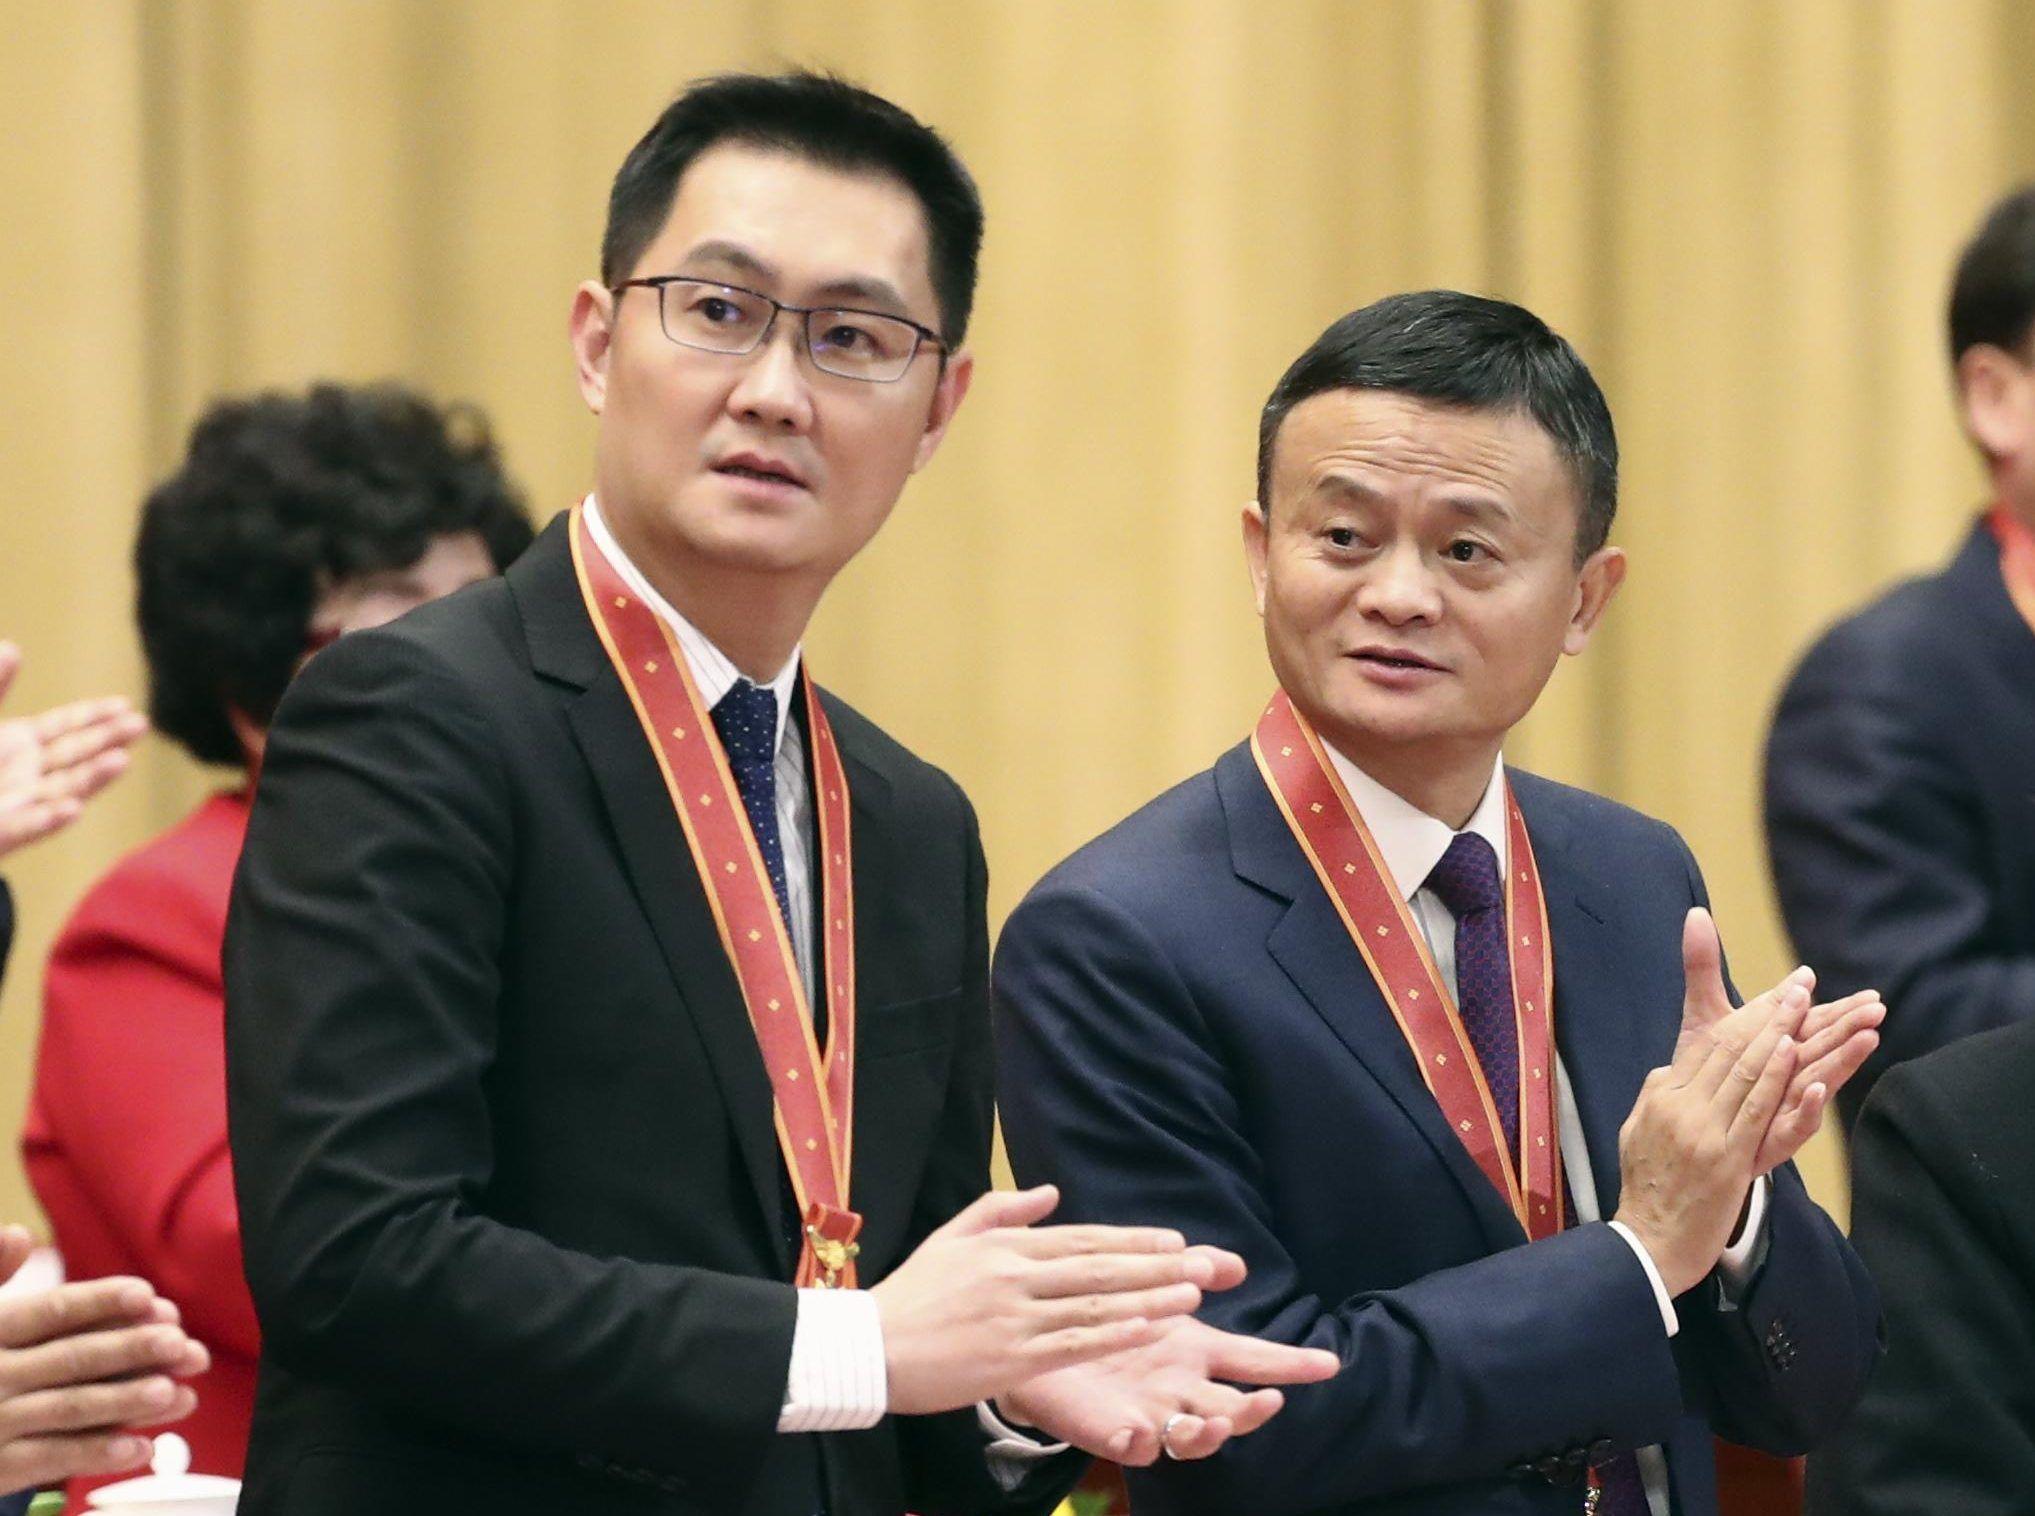 جک ما میلیاردر و کارآفرین مشهور چینی و بنیانگذار برند علی بابا (Alibaba) که ثروت او دستکم 35 میلیارد پوند برآورد شده از اواخر ماه اکتبر گذشته در انظار عمومی ظاهر نشده است.